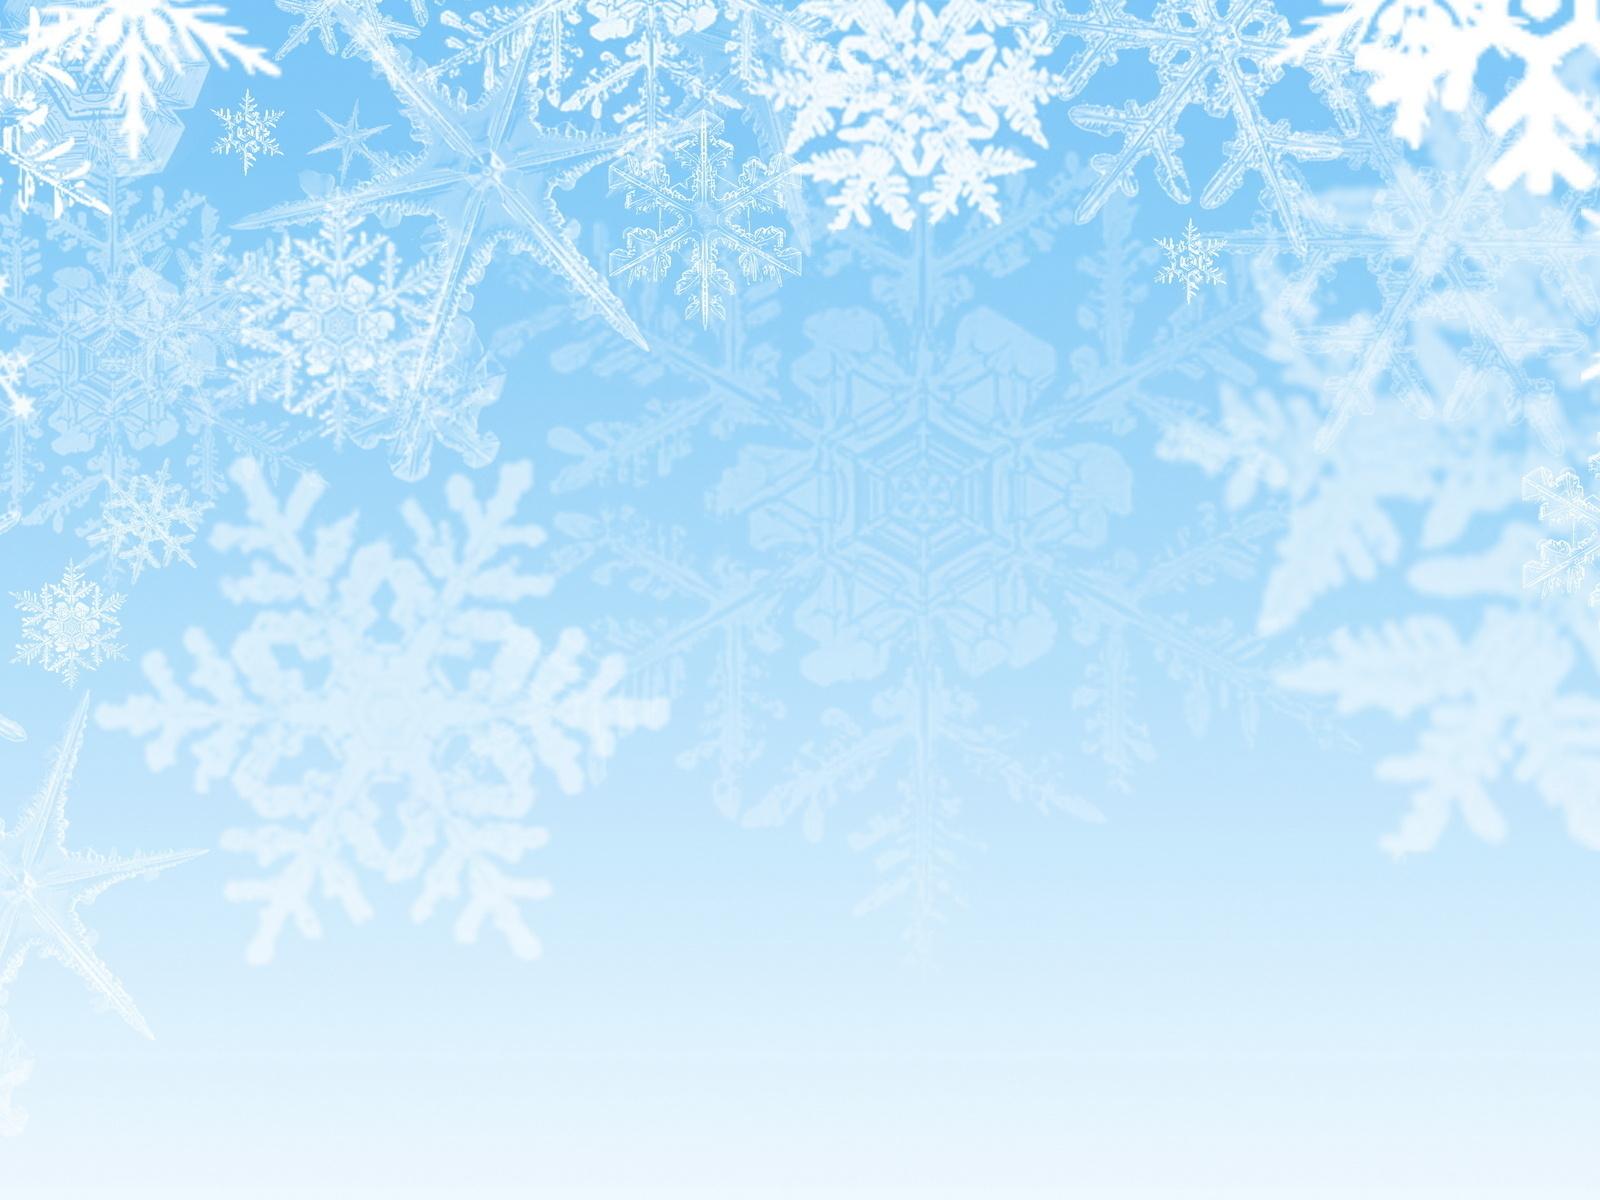 http://new.saratovwkola53.ru/wp-content/uploads/2014/12/artleo.com-4975.jpg